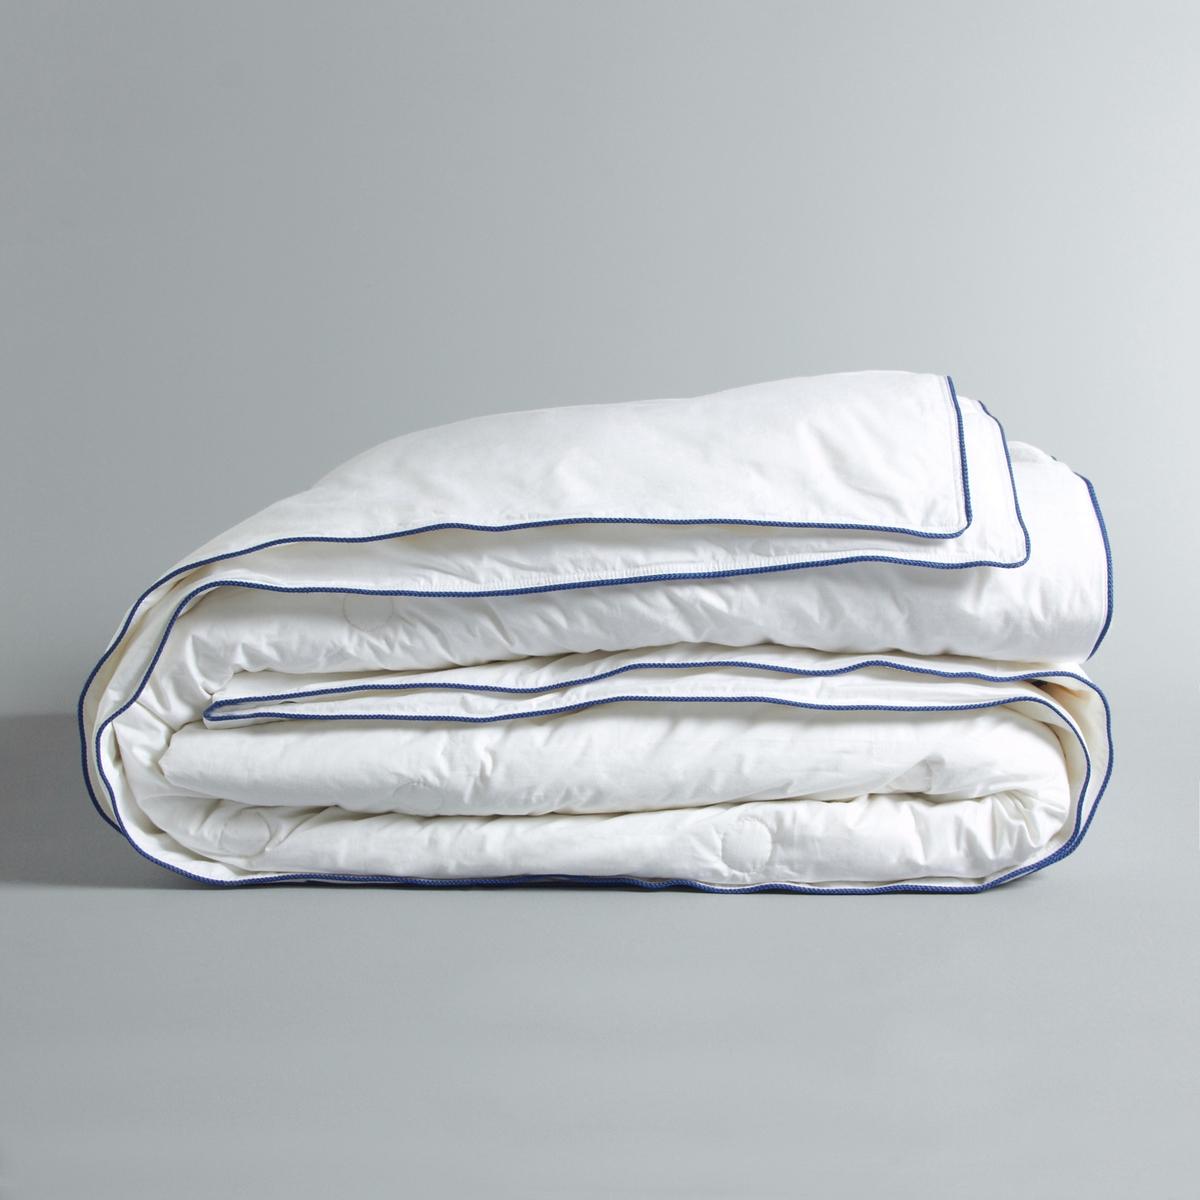 Одеяло Galaad с шелковым наполнителем плотностью 300 г/м?Одеяло Galaad с шелковым наполнителем. Комфортное и теплое очень тонкое одеяло, обеспечивающее тепло зимой и прохладу летом, что позволяет использовать его круглый год. Комфорт : Мягкий и нежный шелк гарантирует вам здоровый сон, поскольку шелк по своей природе обладает гипоаллергенным, противоклещевым и антибактериальным свойством.Наполнитель :- Шелковые волокна плотностью 300 г/м?. Чехол :- Очень мягкая и элегантная перкаль, 100% хлопка. - Контрастный кант по краю.Уход : - Рекомендована сухая чистка.<br><br>Цвет: белый<br>Размер: 200 x 200  см